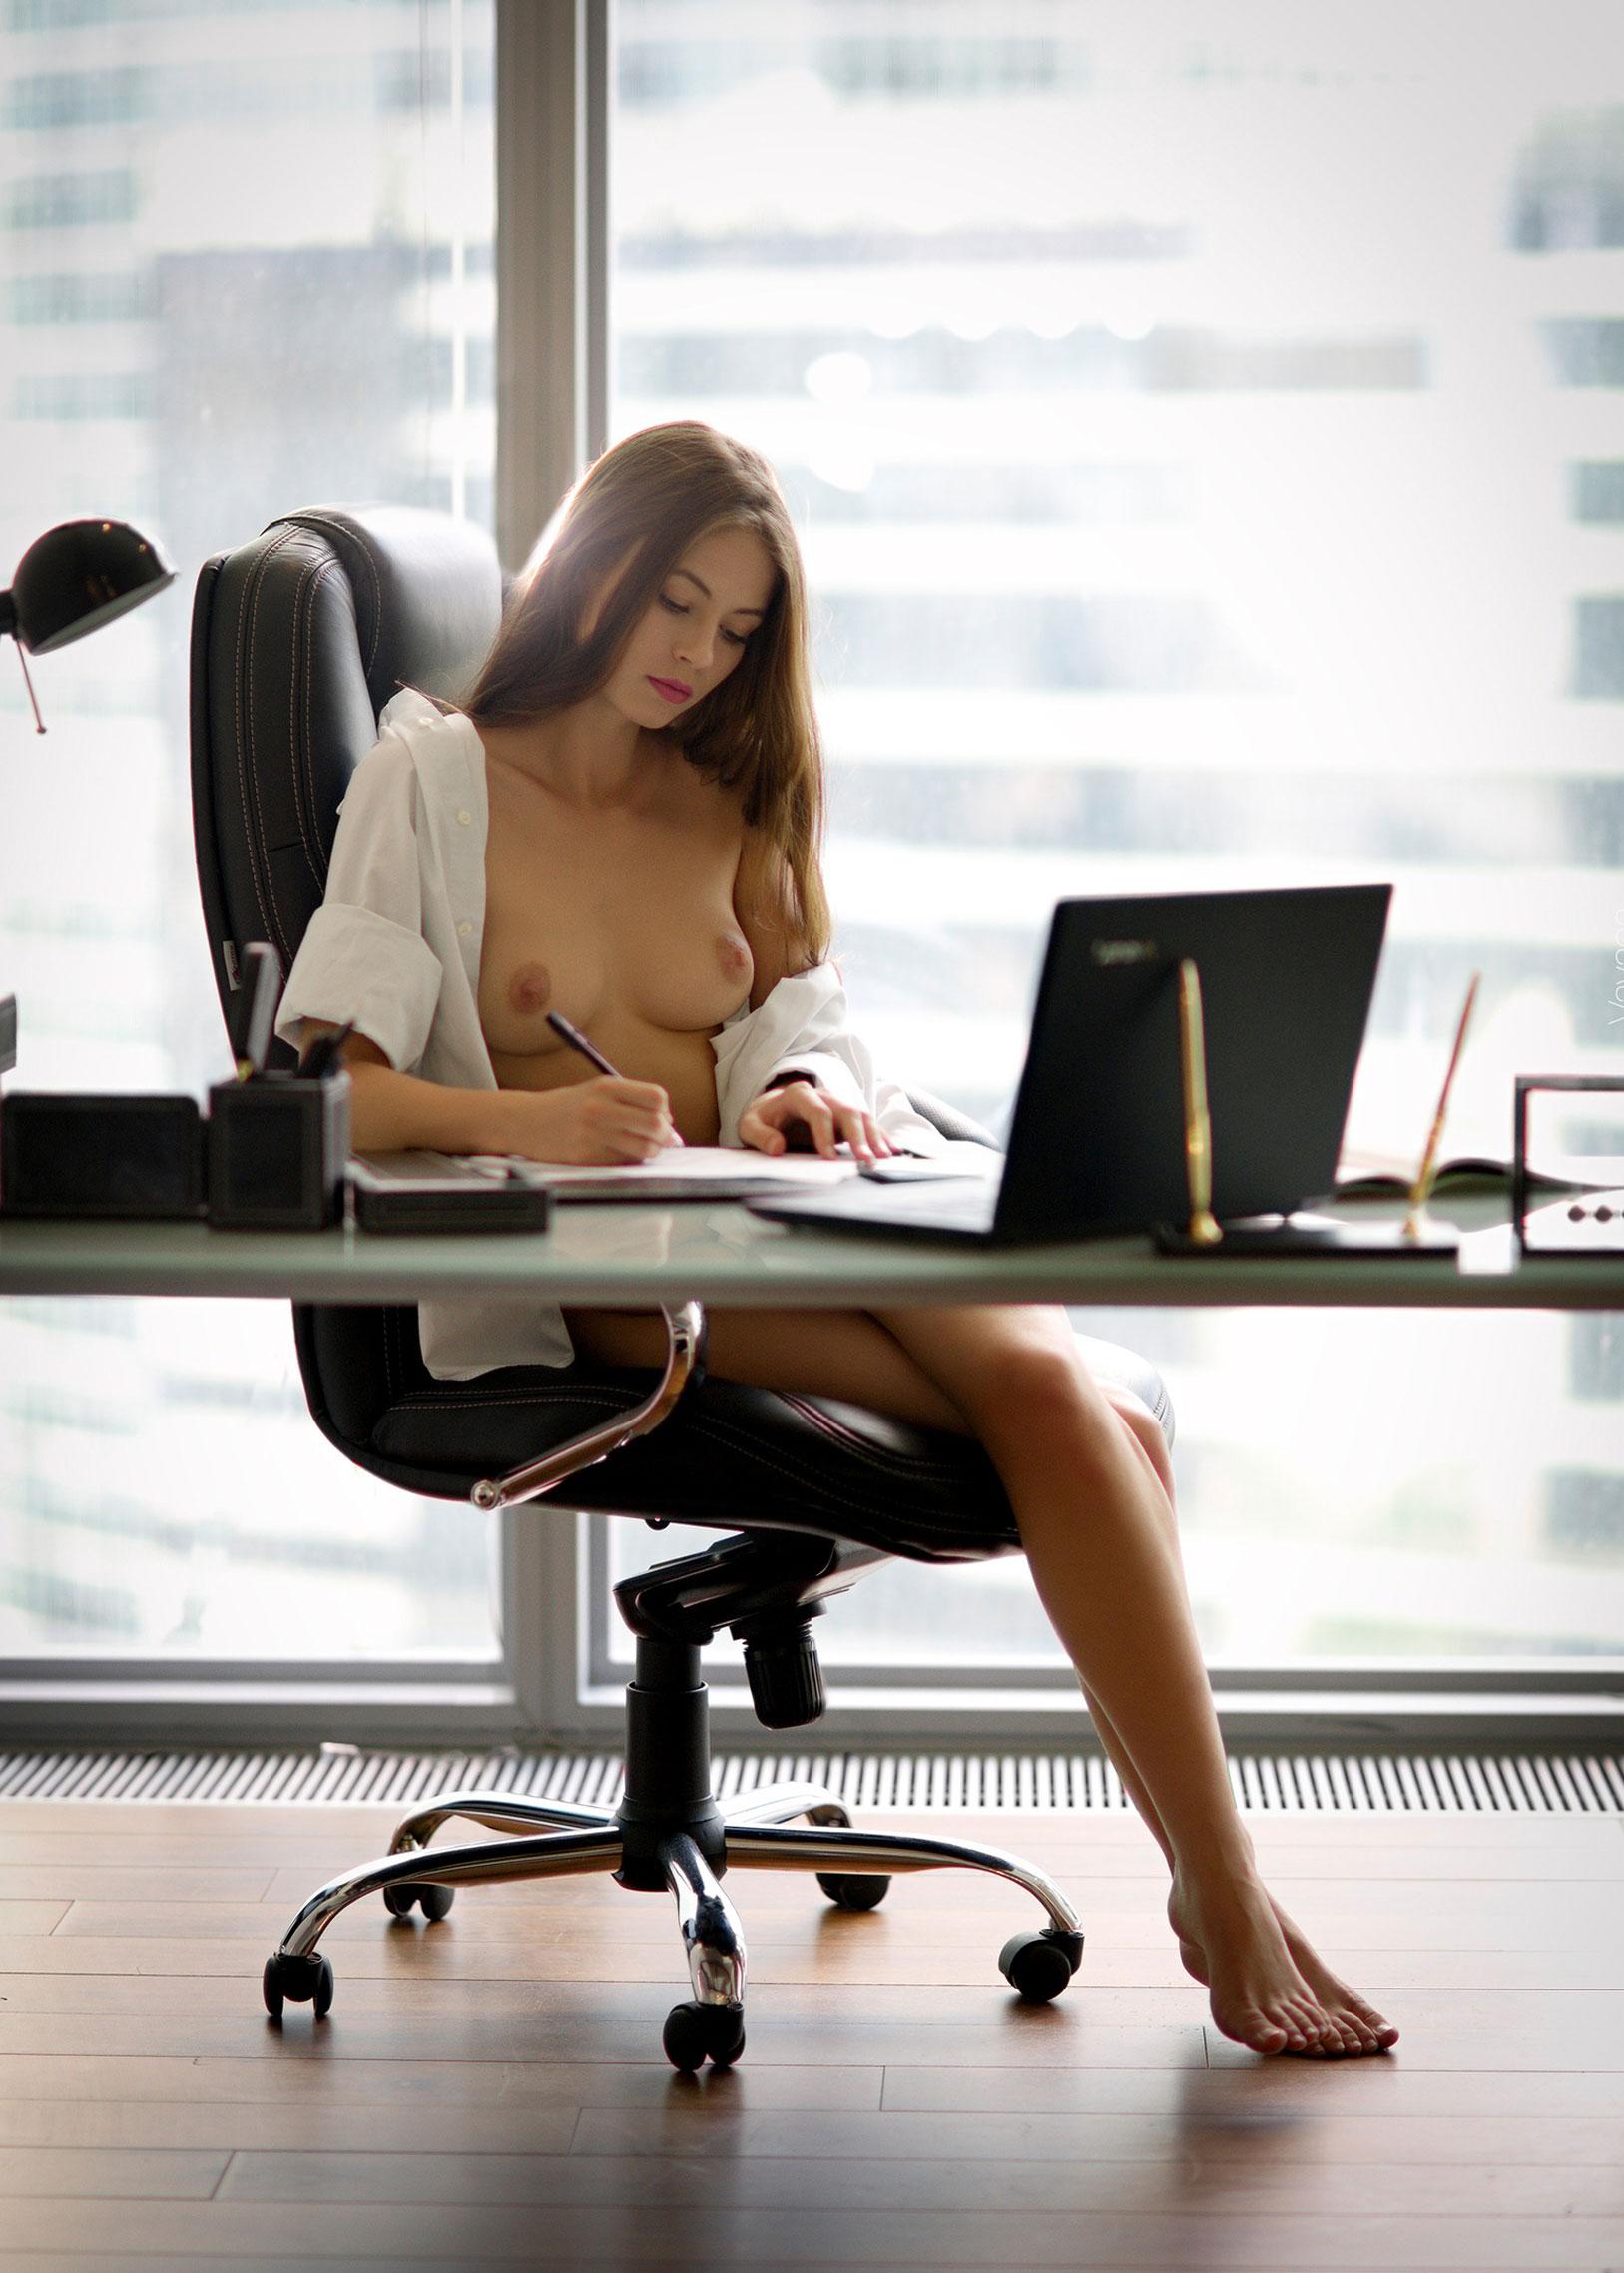 сексуальная Виктория Алико в роли секретарши мечты / фото 04